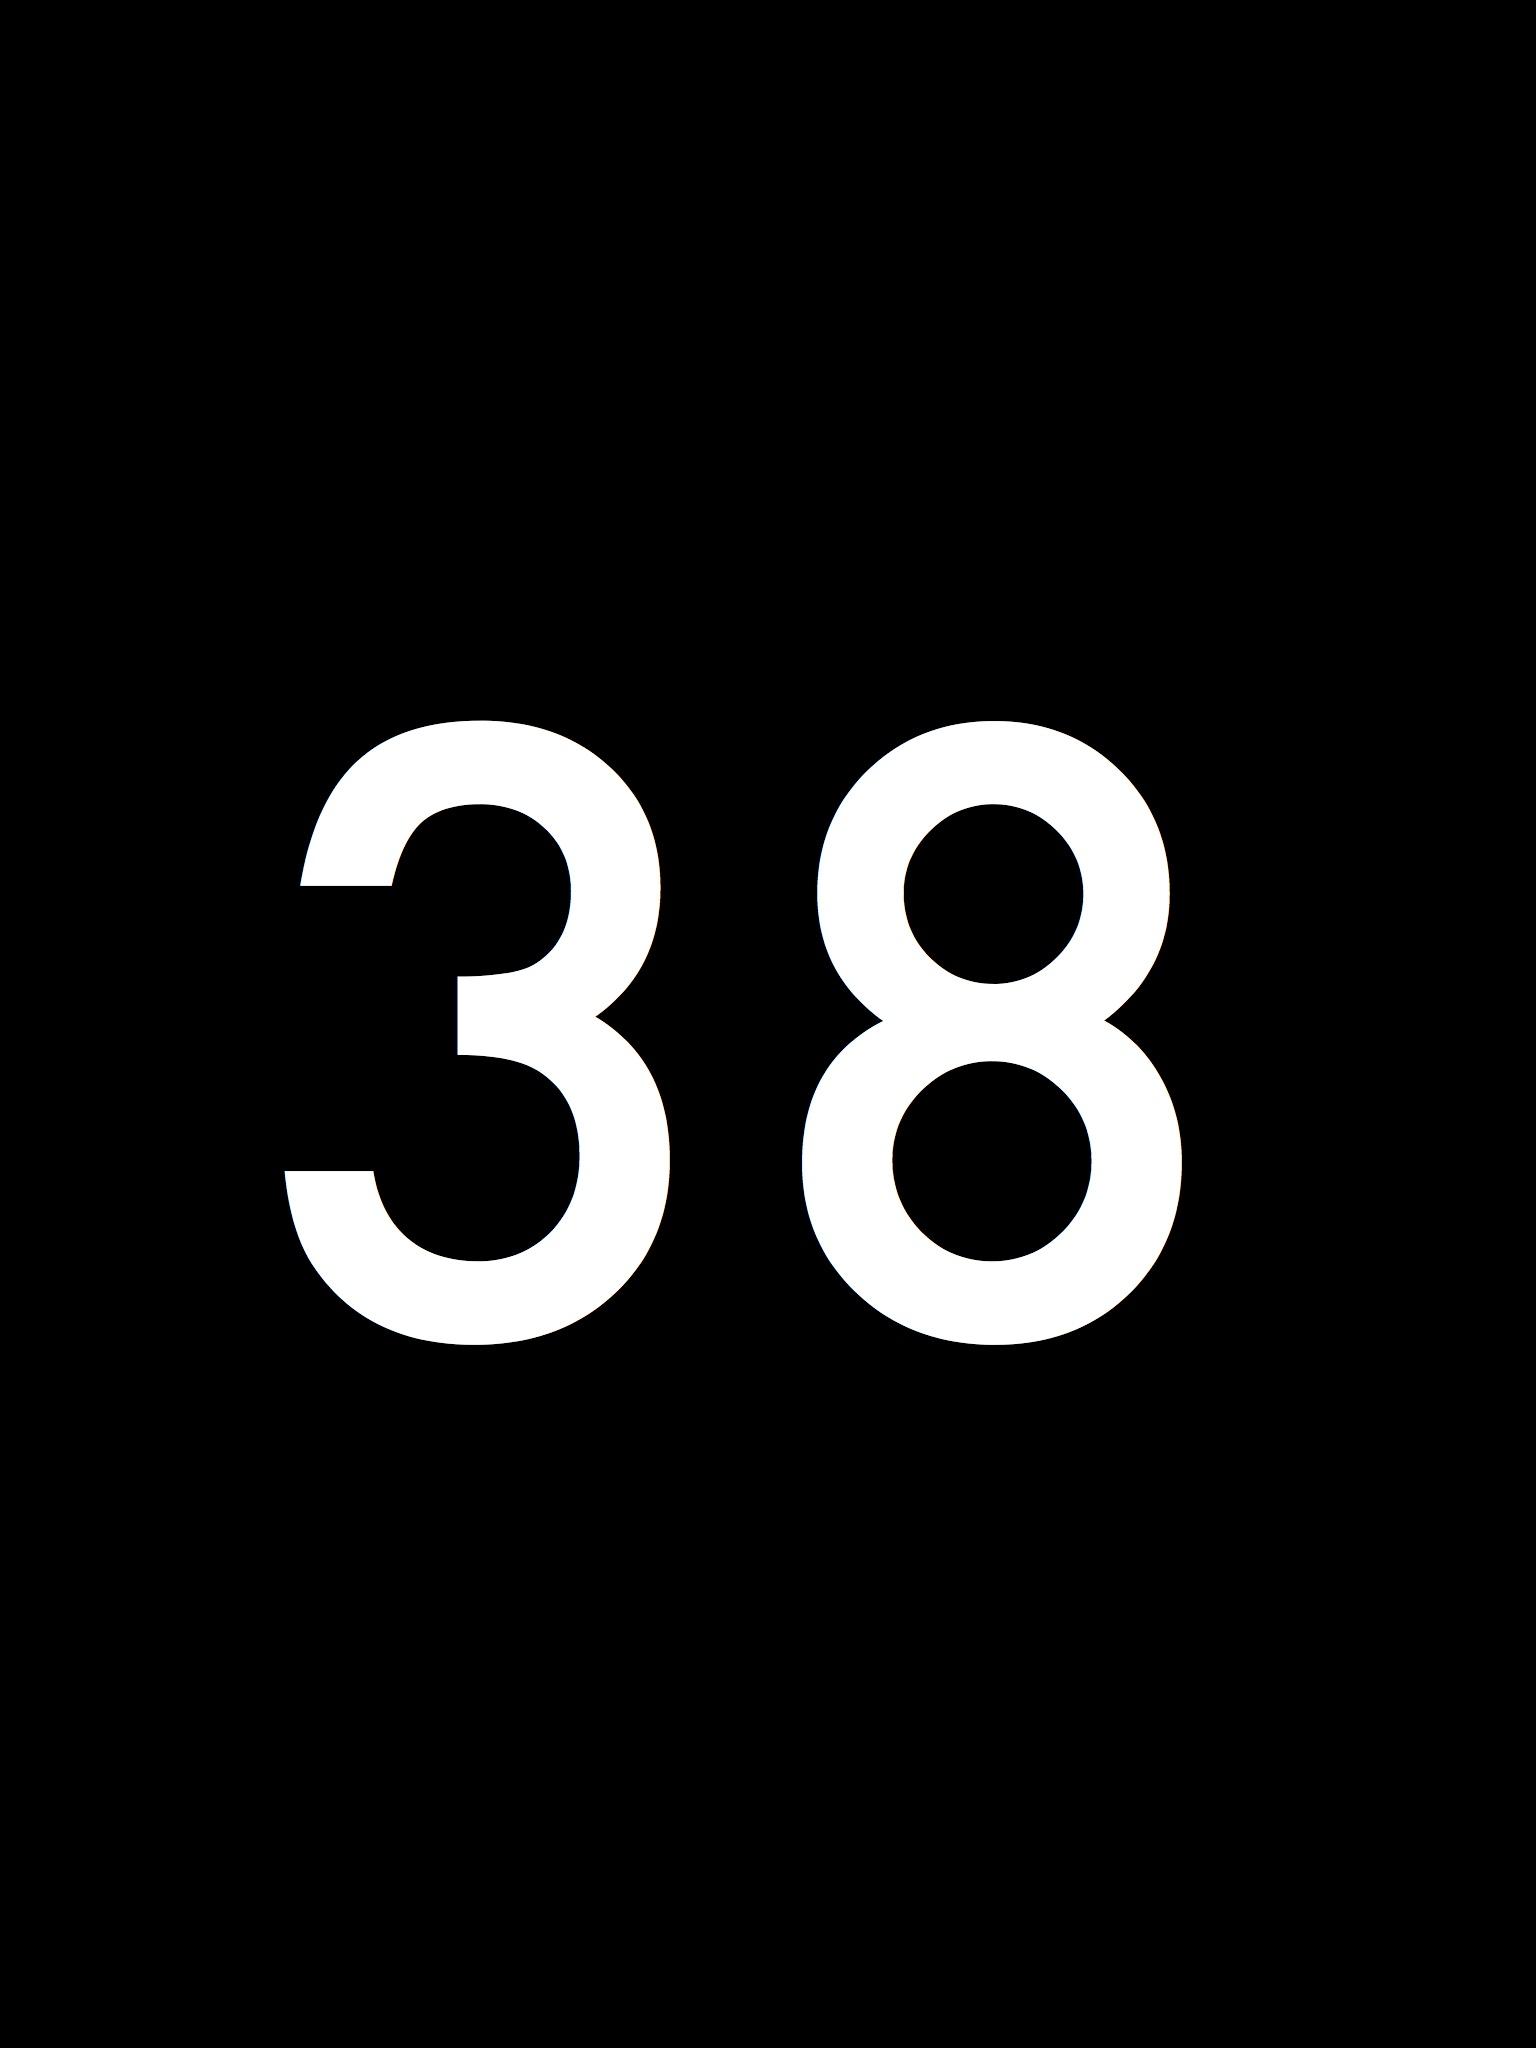 Black_Number.038.jpg